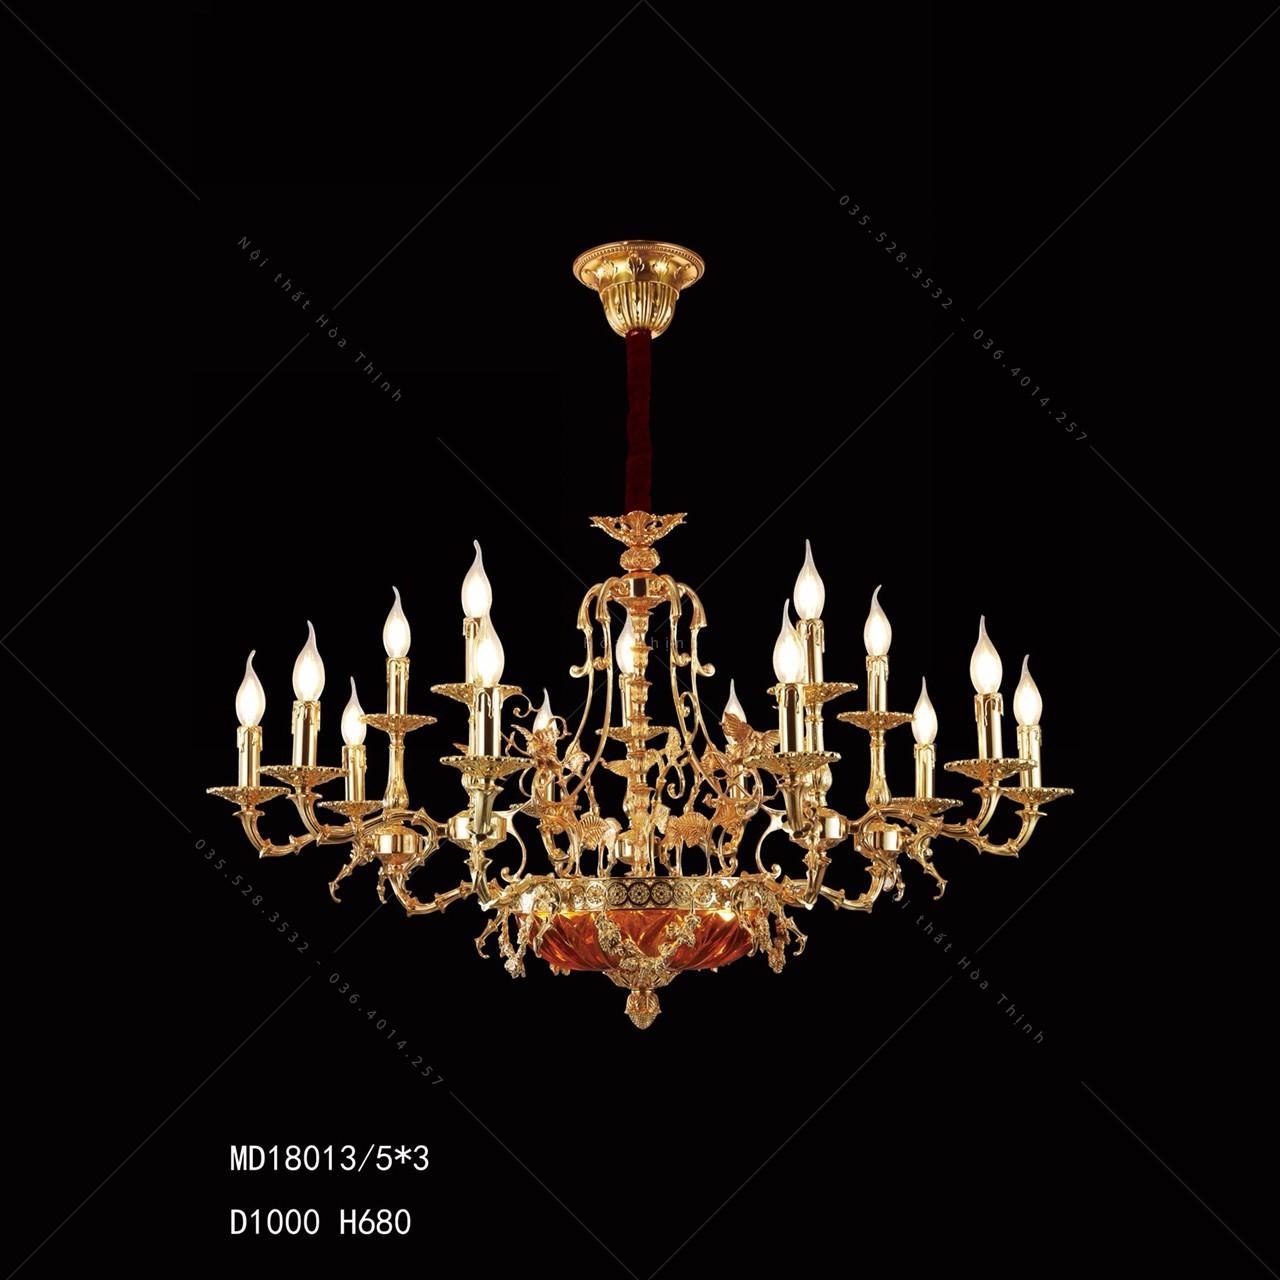 đèn chùm giá 1 triệu MD 18013/5*3